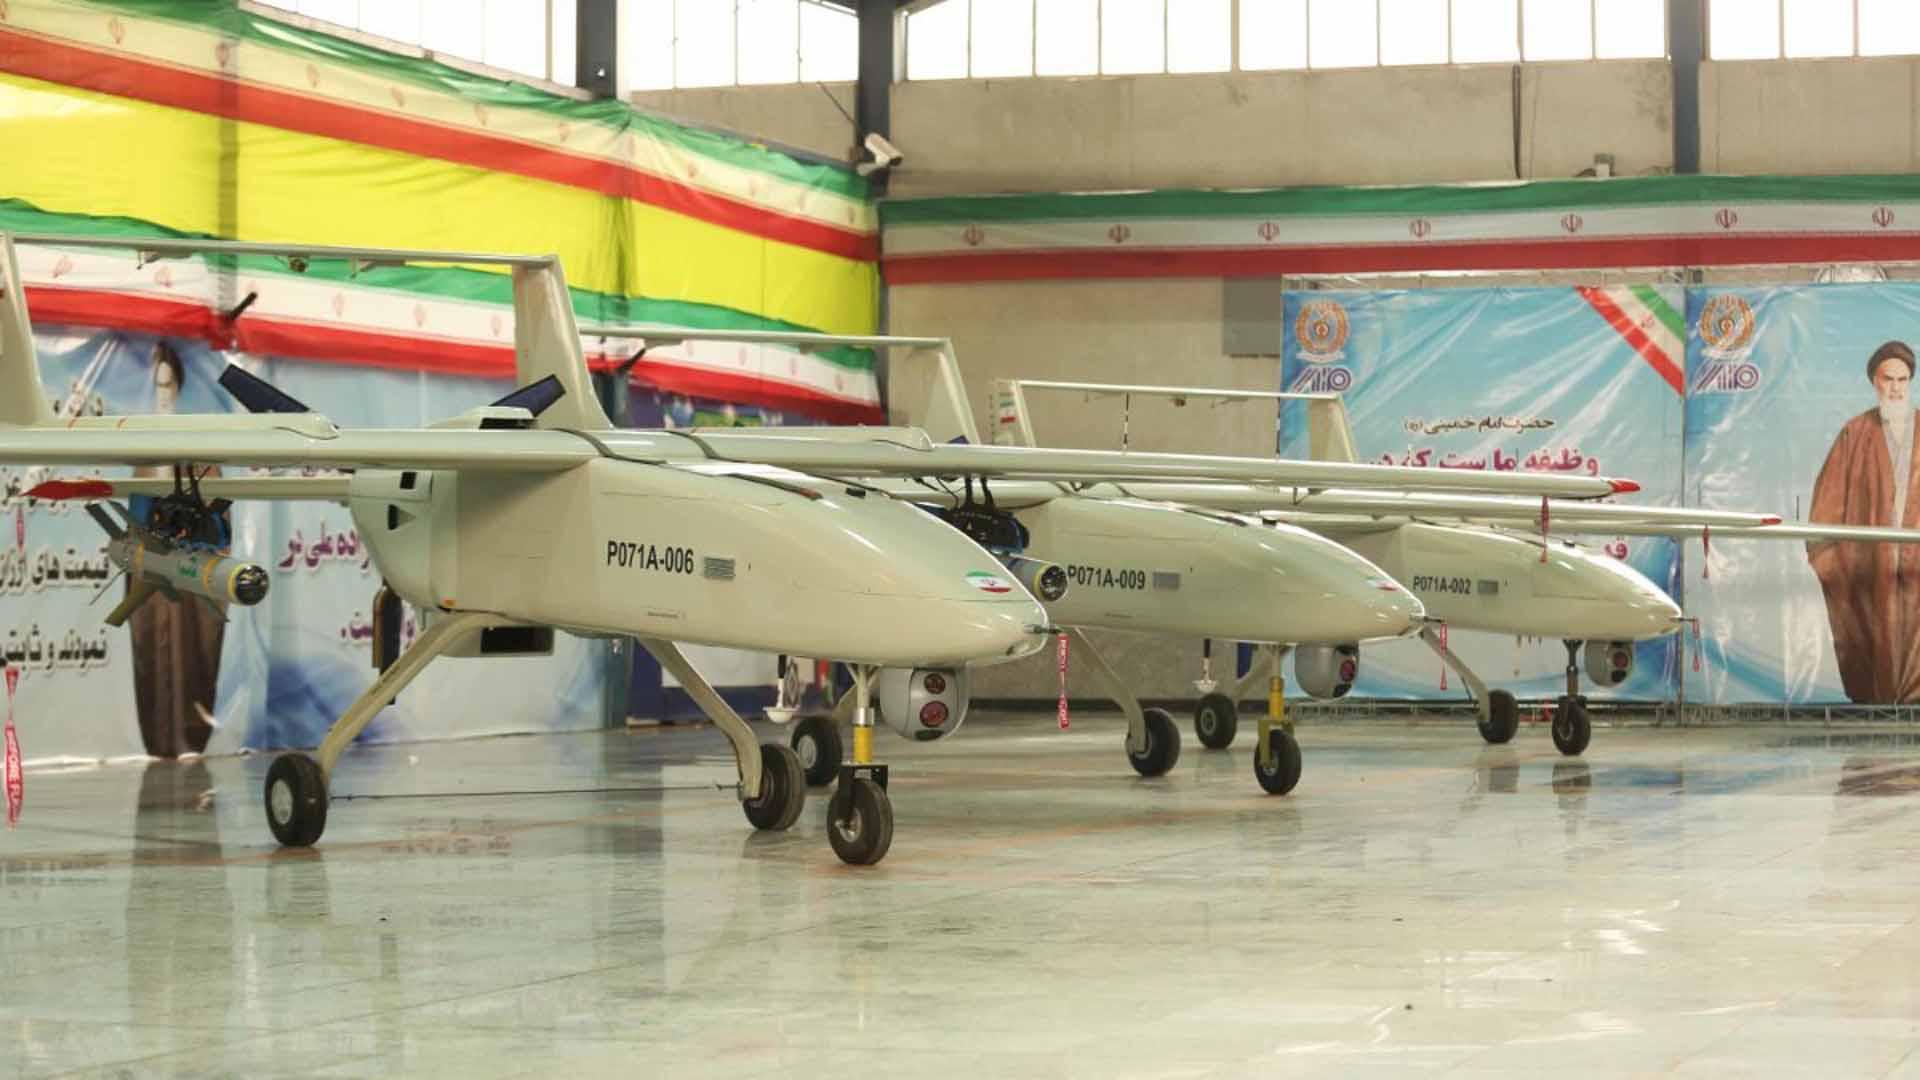 الطائرات الإيرانية المسيَّرة: القدرات ونقاط الضعف